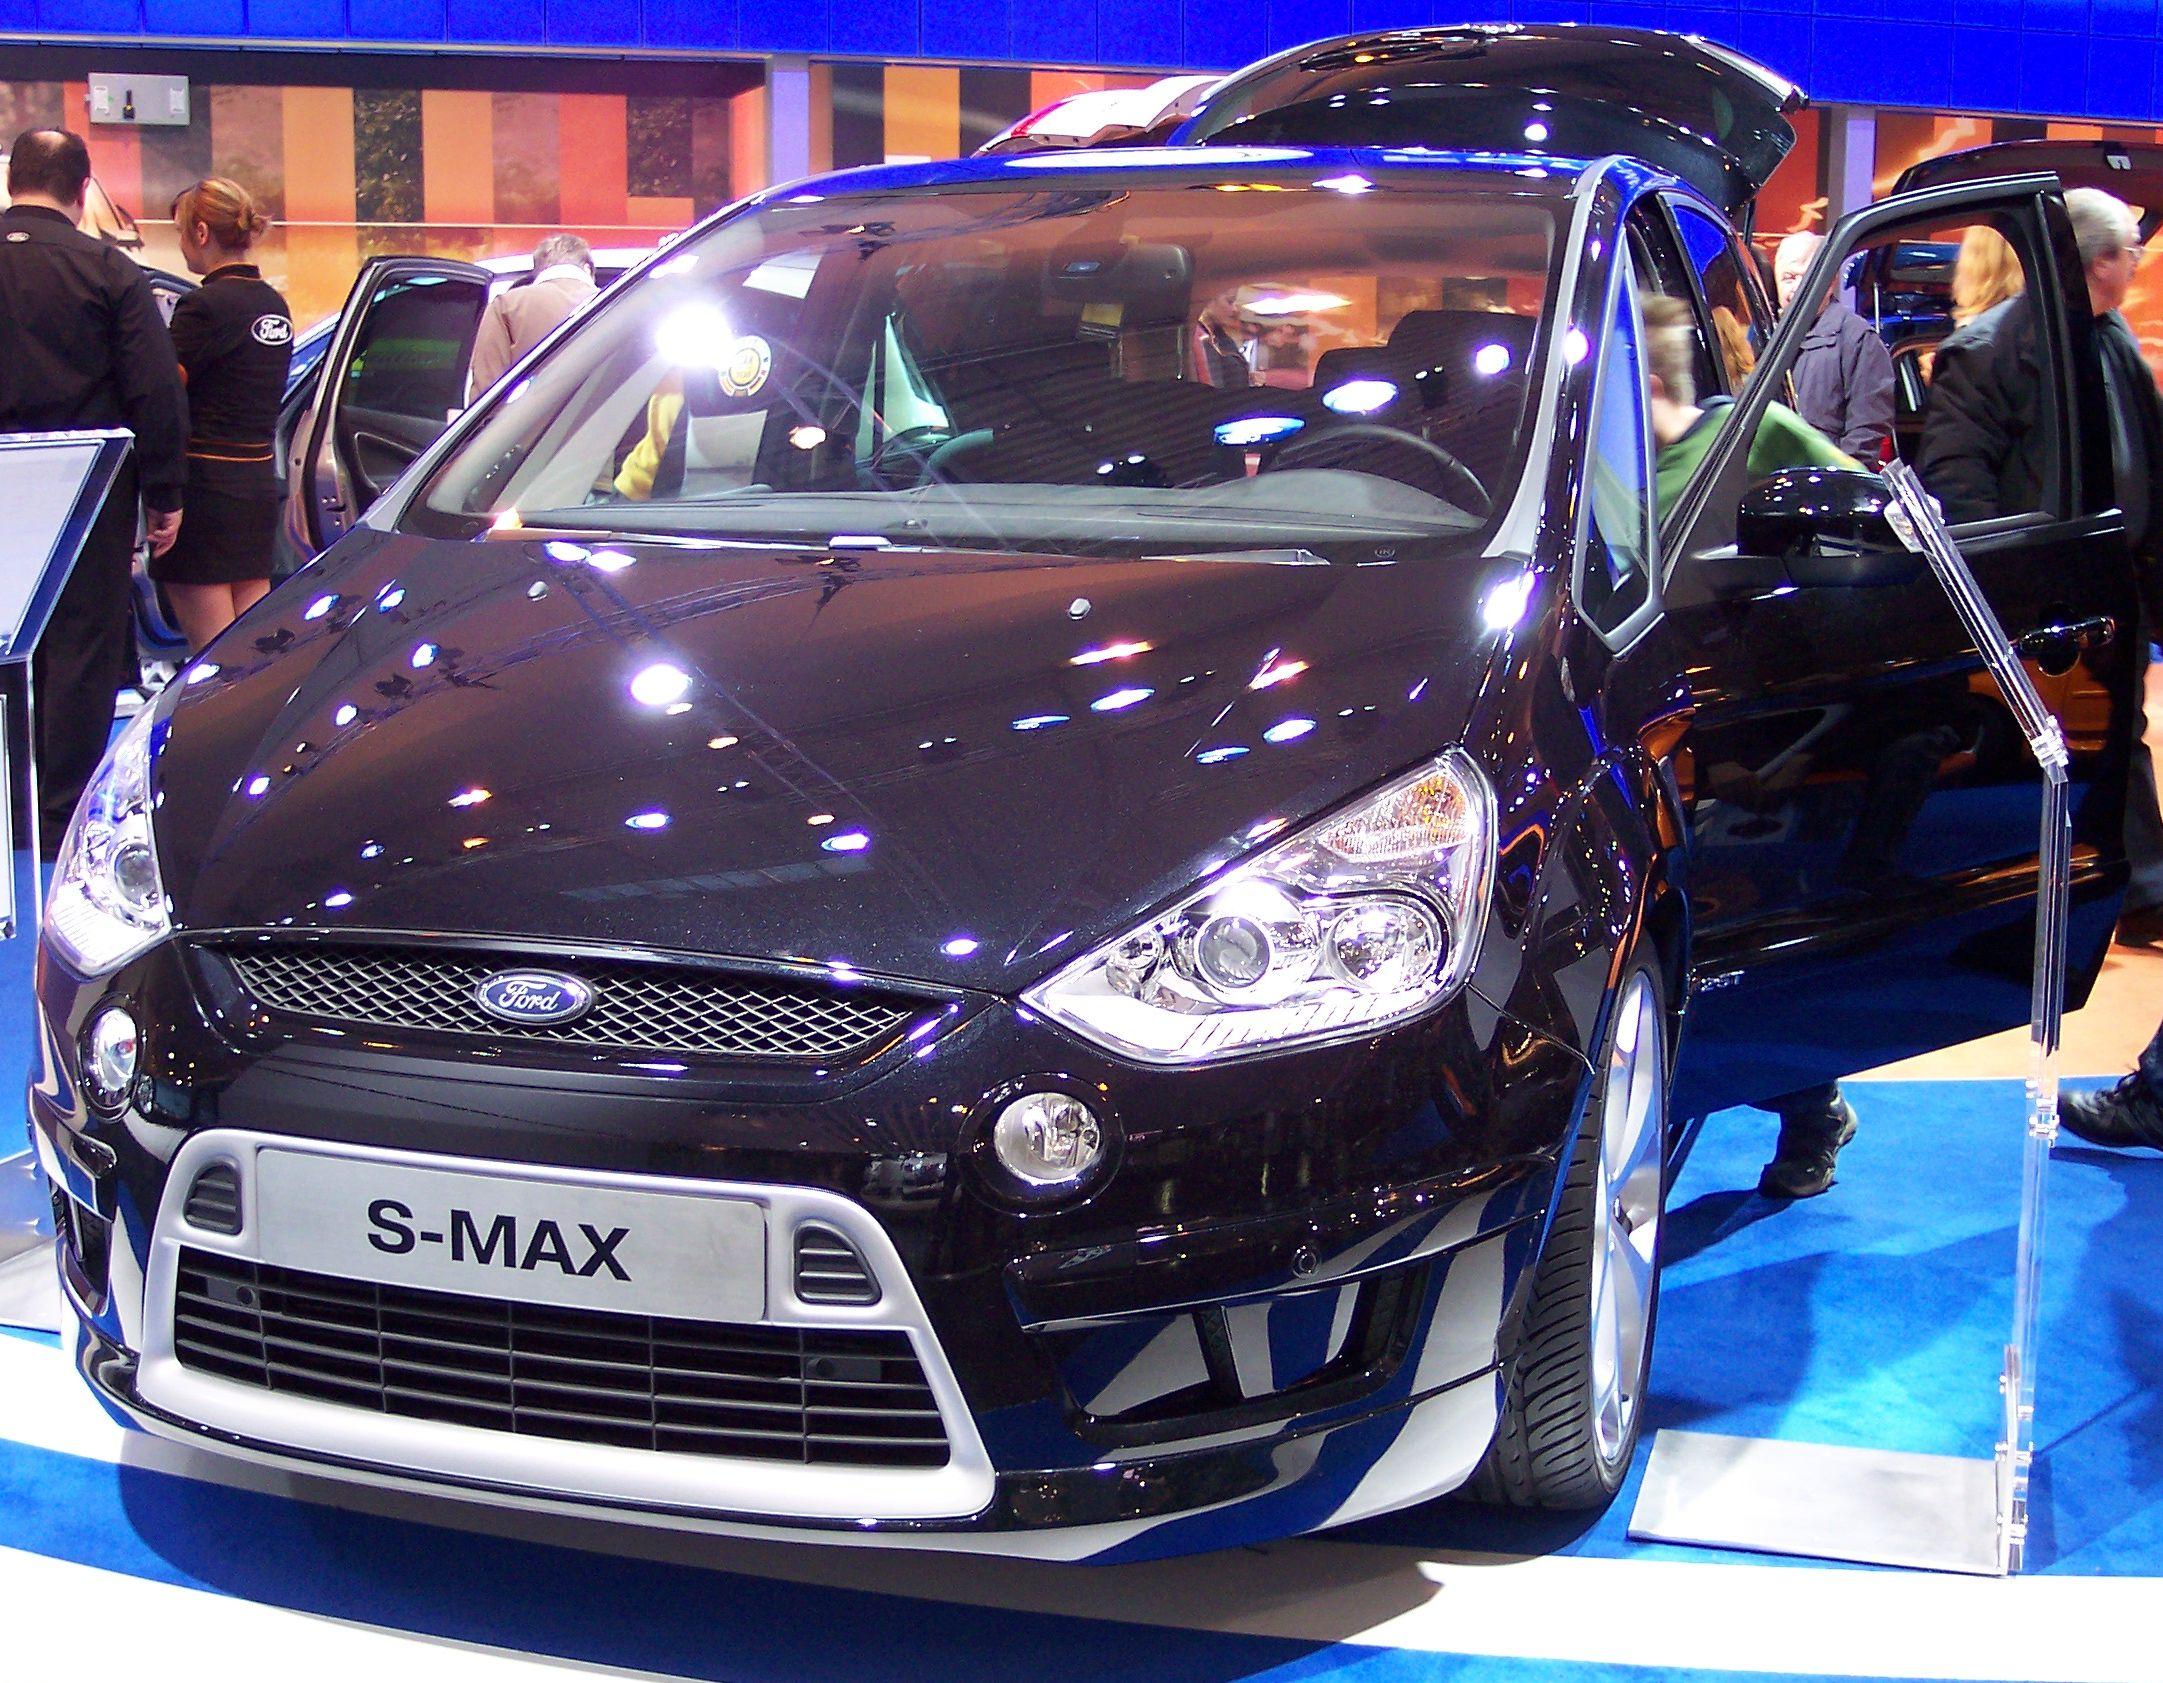 File:Ford SMax v blue EMS.jpg